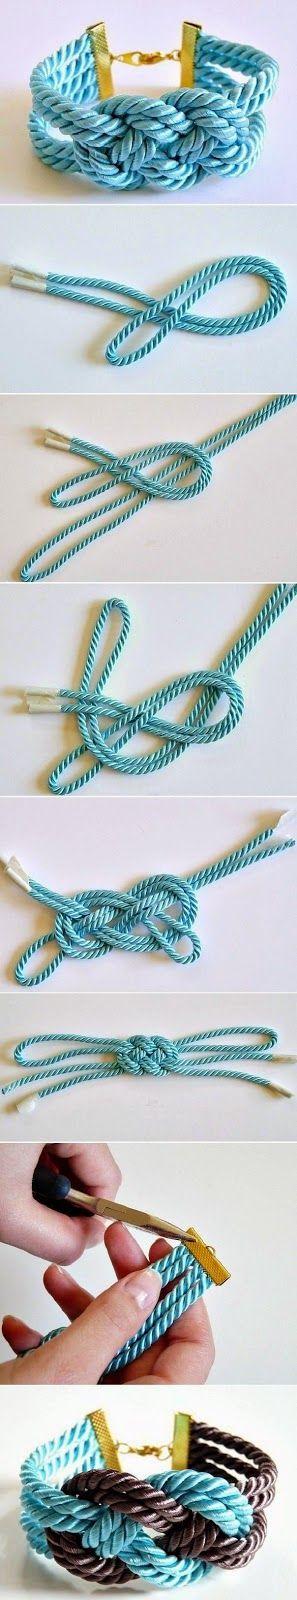 Que tal fazer um bracele para voce ou para vender?   Fácil de fazer ,siga o passo a passo.   Mãos a obra !!        http://diyskills.tumblr...